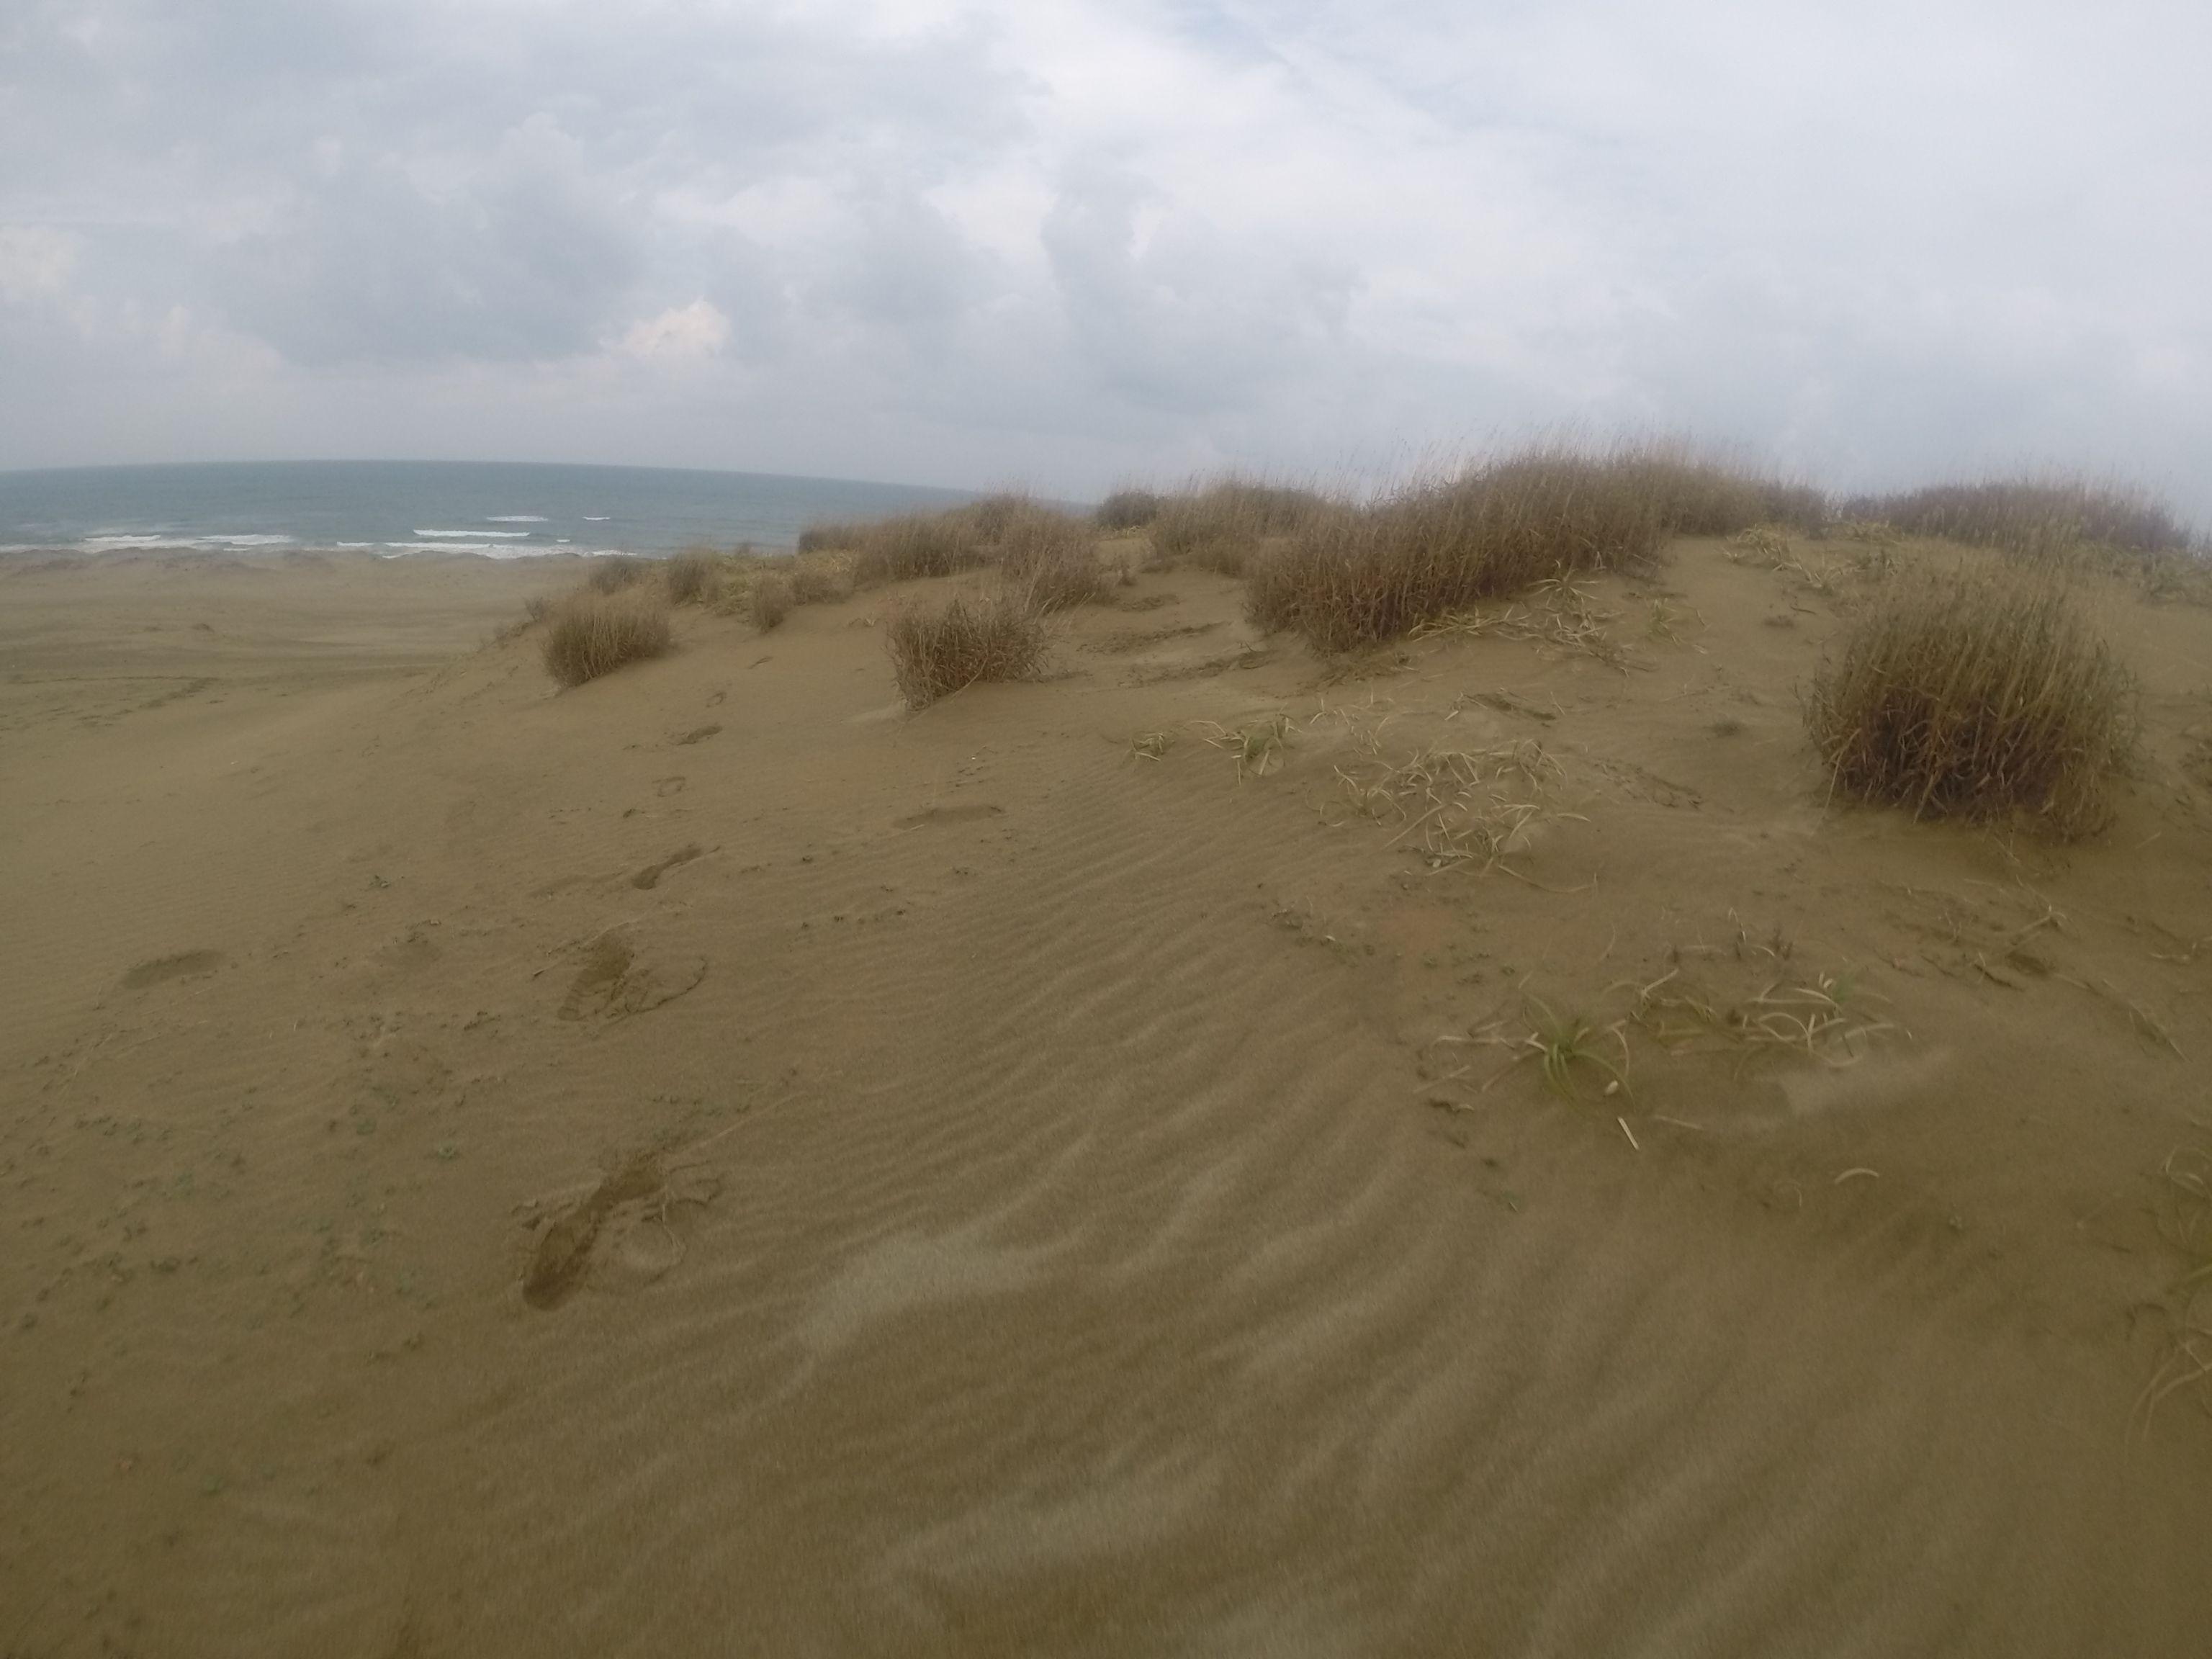 ちょっと湿っぽさの残る地面の砂